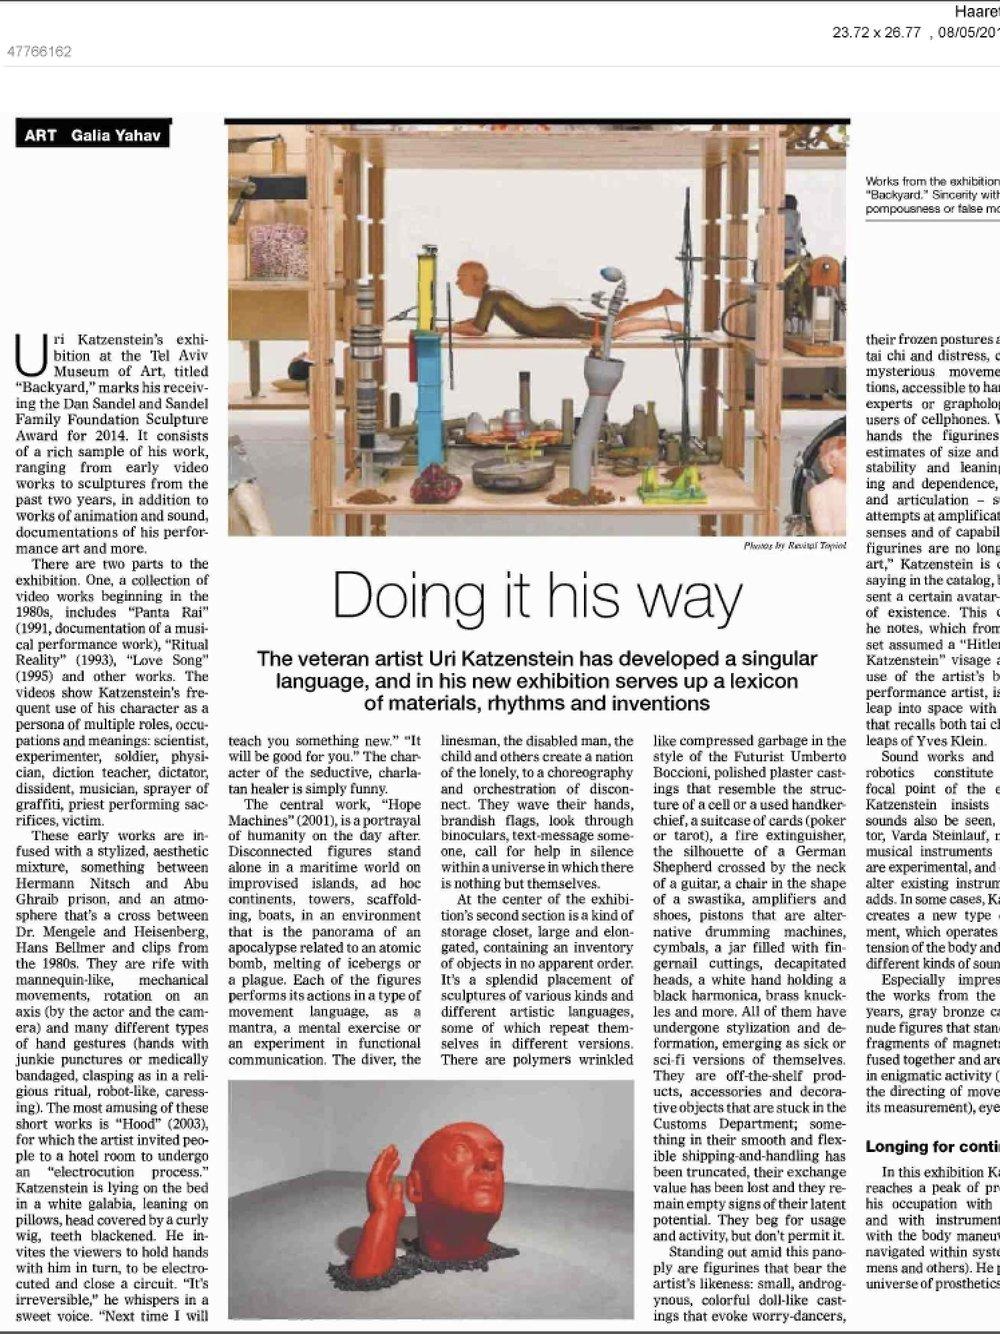 """Haaretz-guide     """"Do it his way"""" (May 8, 2015)"""